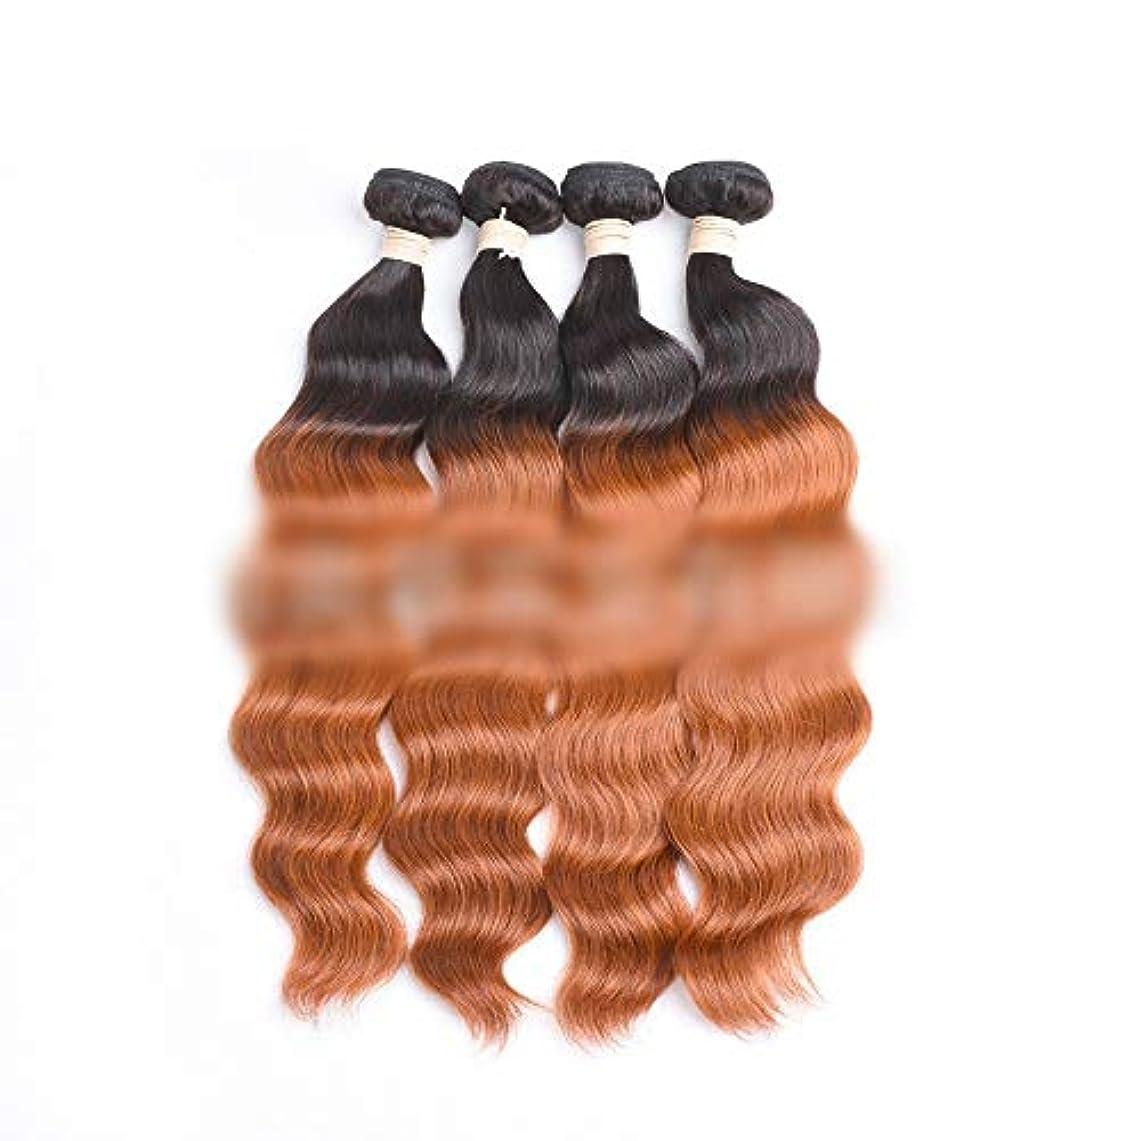 むさぼり食う強化するすばらしいですHOHYLLYA ブラジルのオーシャンウェーブヘア1バンドル未処理の人間の髪の毛の拡張子 - #30明るい茶色の色ロールプレイングかつら女性の自然なかつら (色 : ブラウン, サイズ : 14 inch)